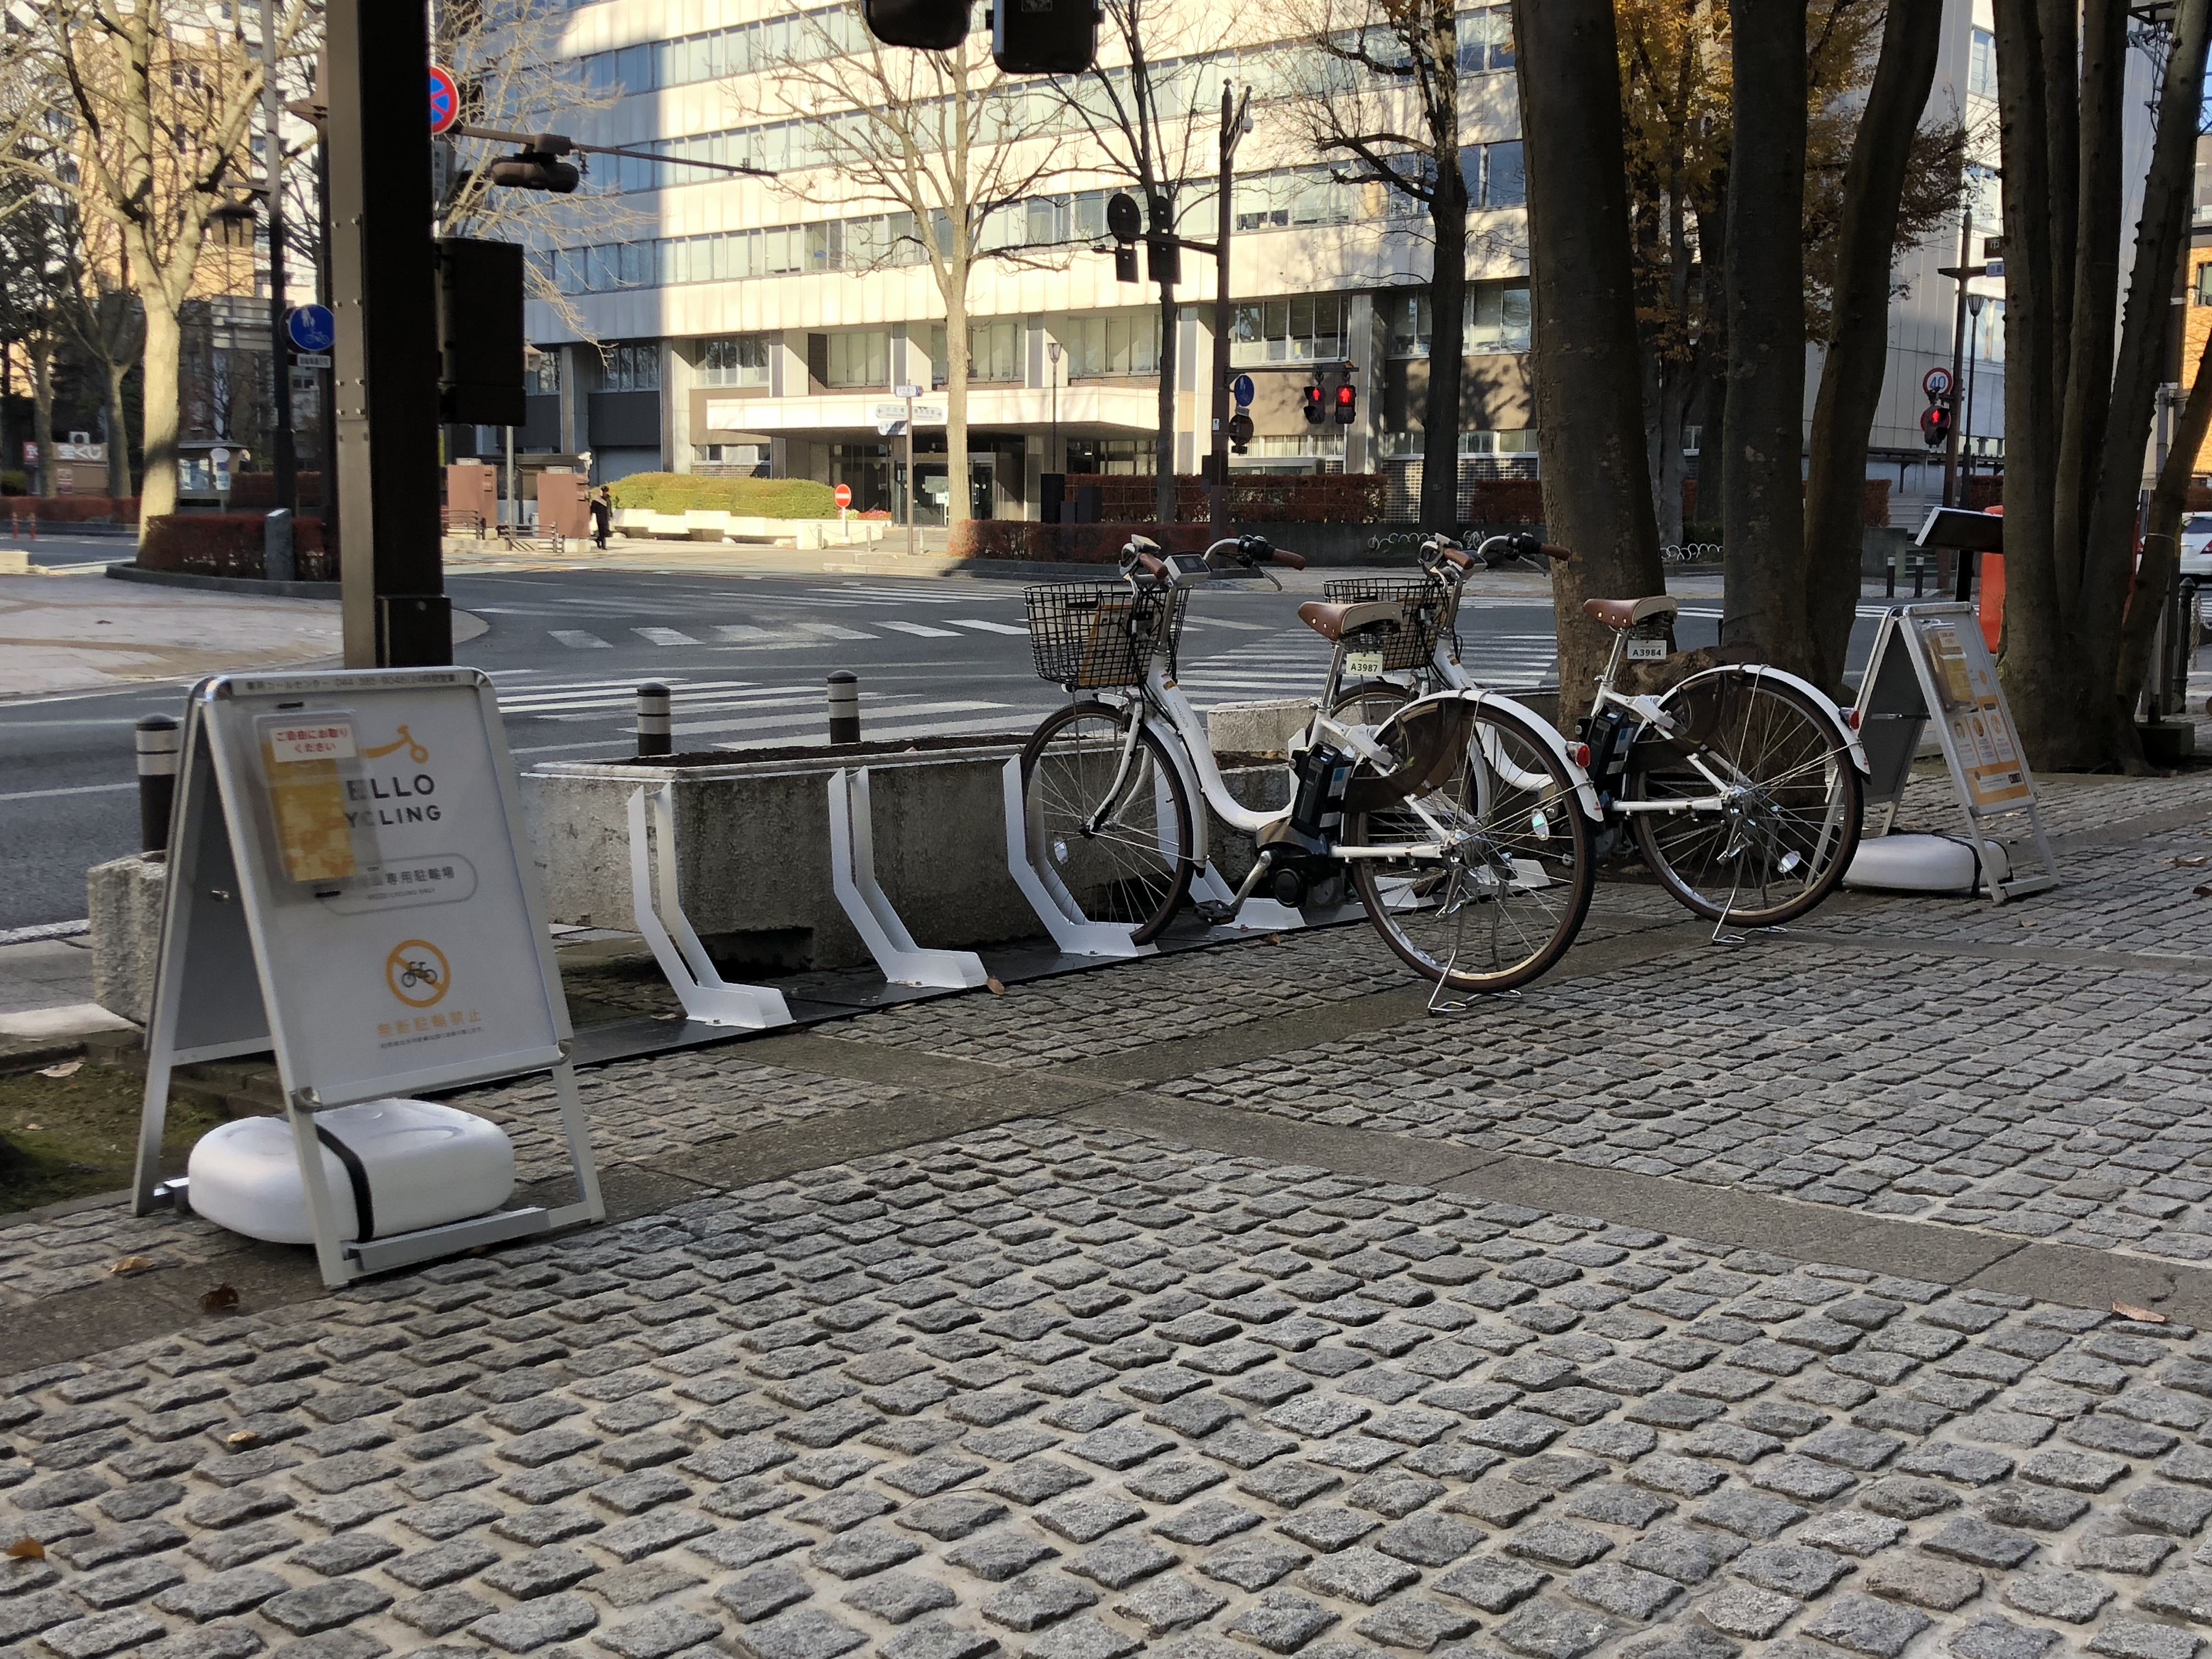 盛岡市役所駐輪場 (HELLO CYCLING ポート) image